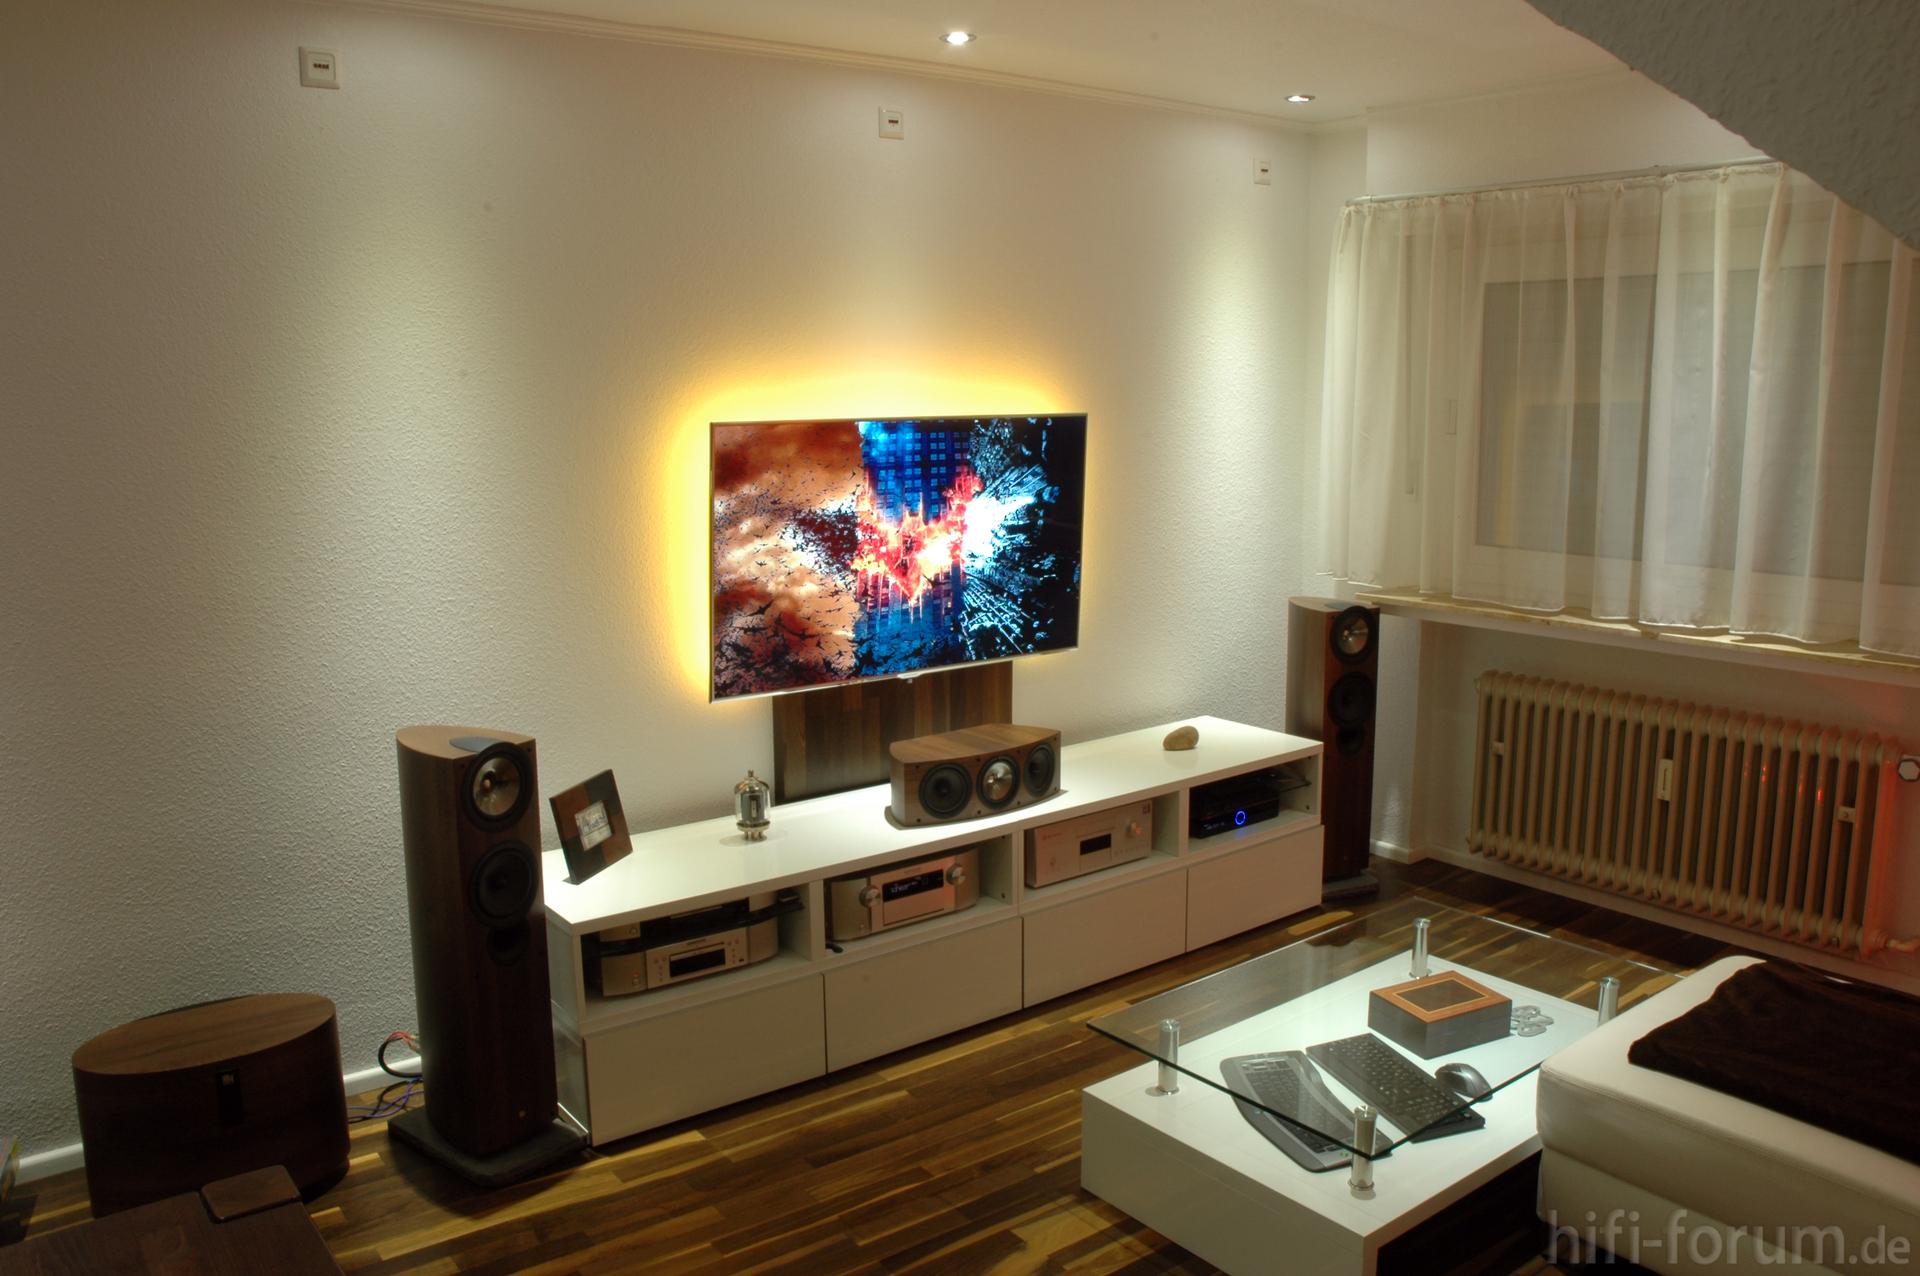 Mein Wohnzimmer | heimkino, kef, marantz, samsung, surround ...